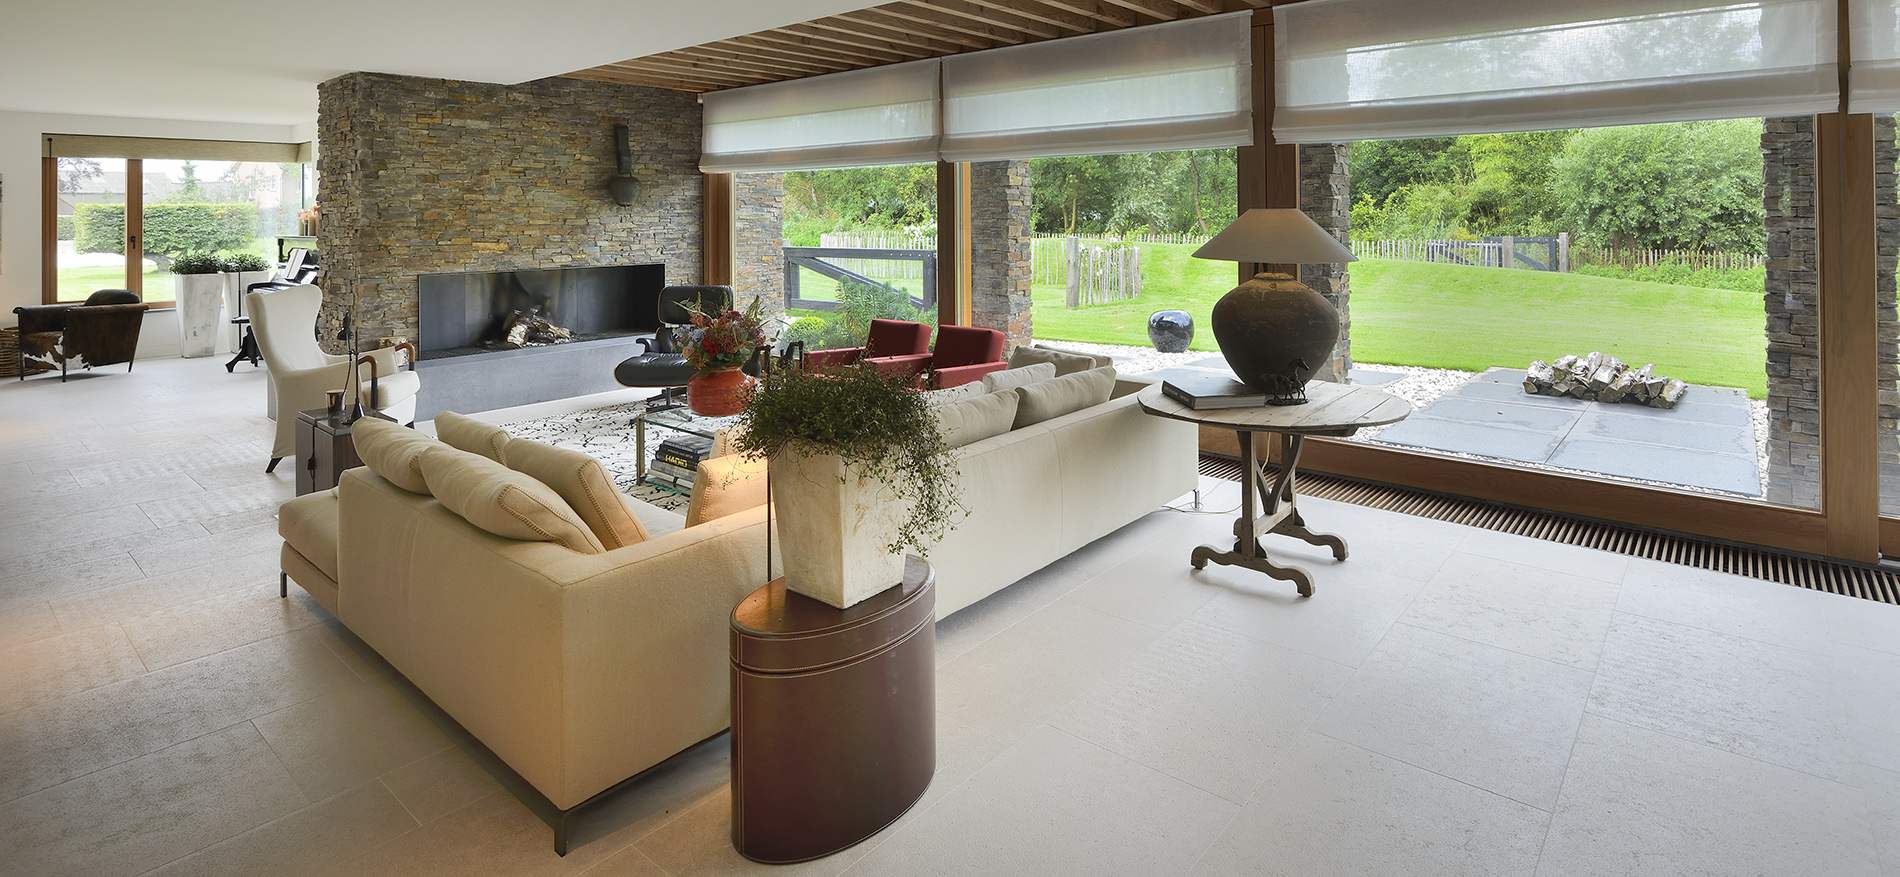 https://www.wsbinterieurbouw.nl/wp-content/uploads/2015/05/top-interieur-op-maat-keukens-obumex-of-wsb-kwaliteit-klassiek-eigentijds-en-minimalistisch-woonkeuken-inbouw-kasten-en-meubelen-door-wsb-architecten-hessenweg_020.jpg